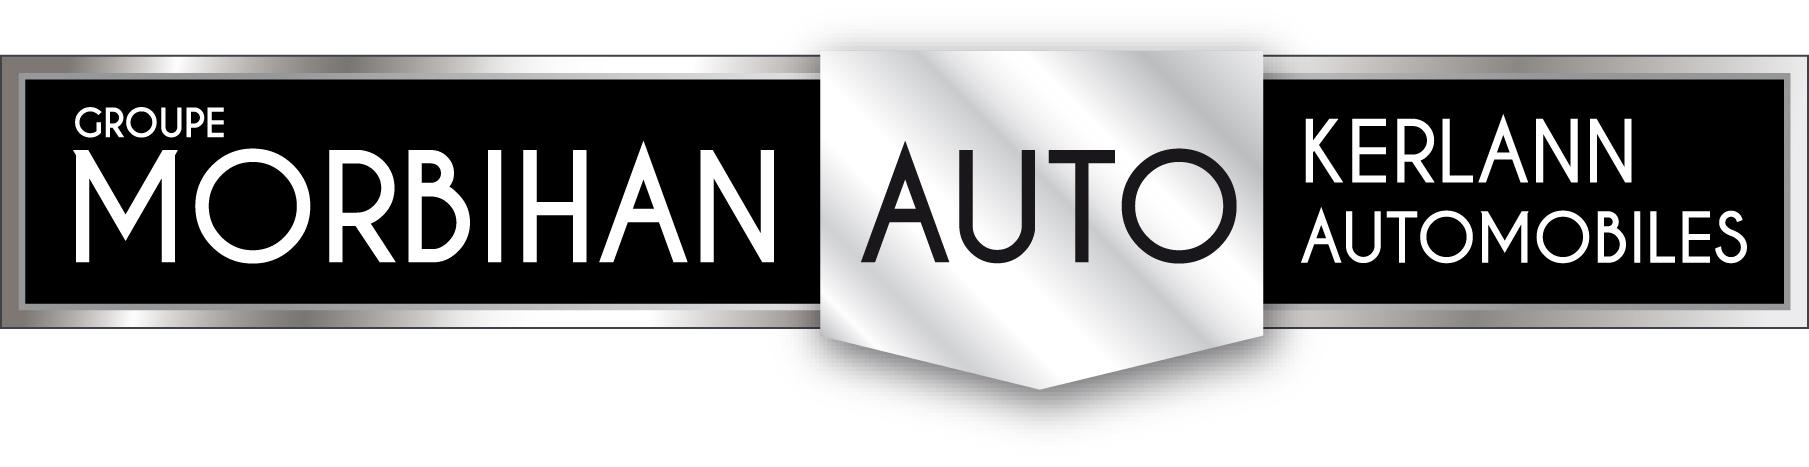 Logo MORBIHAN AUTO - KERLANN AUTOMOBILES